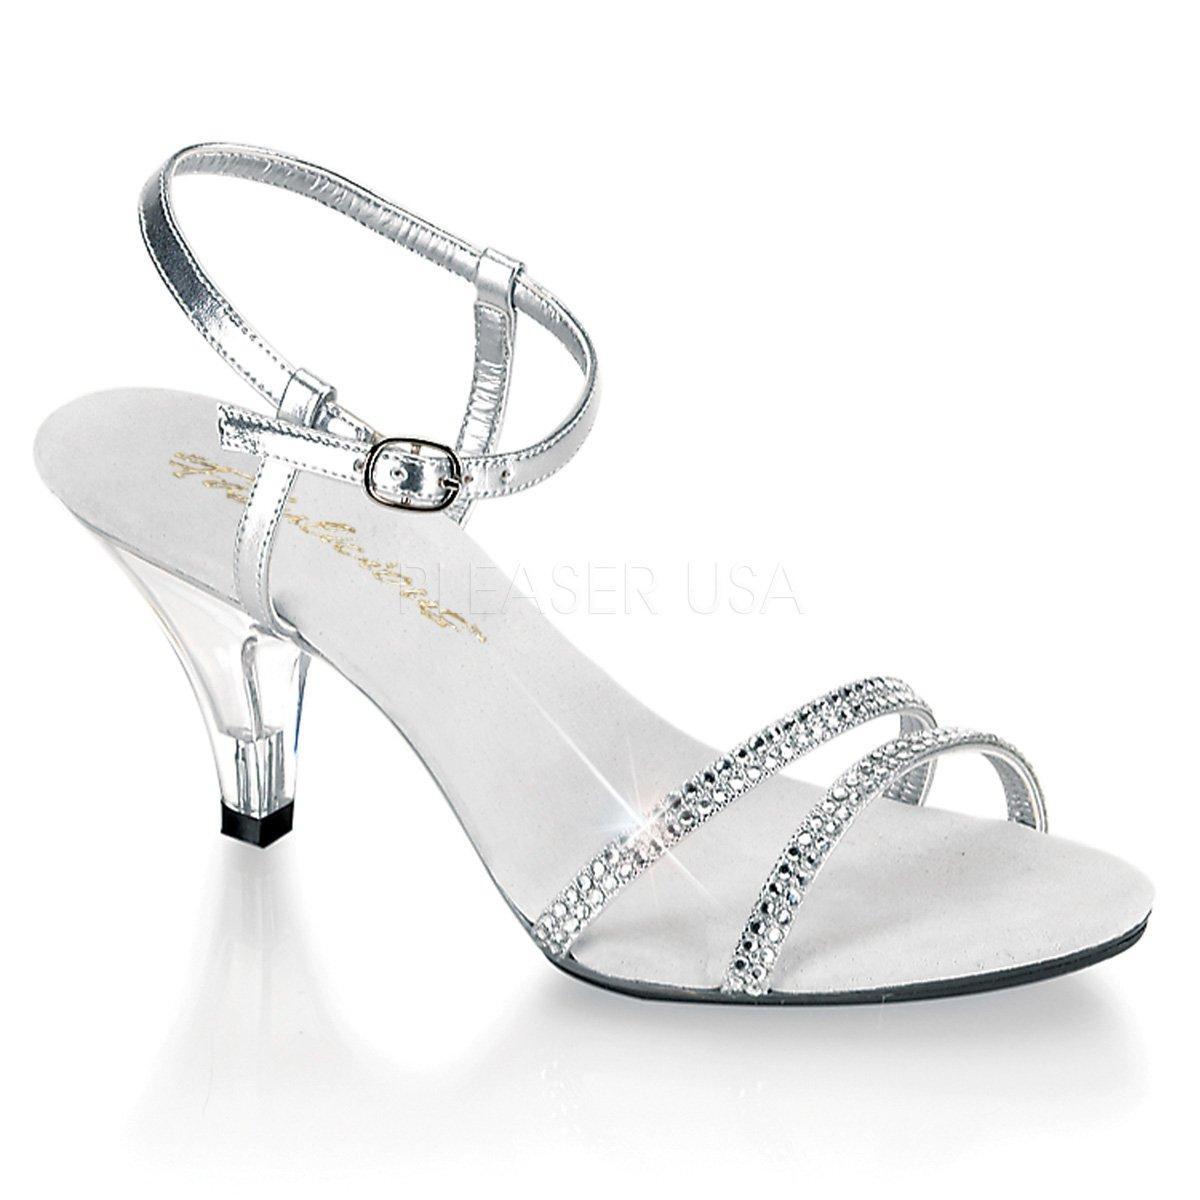 BELLE-316 Stříbrné páskové společenské sandálky s kamínky na nízkém podpatku 367d410cd3